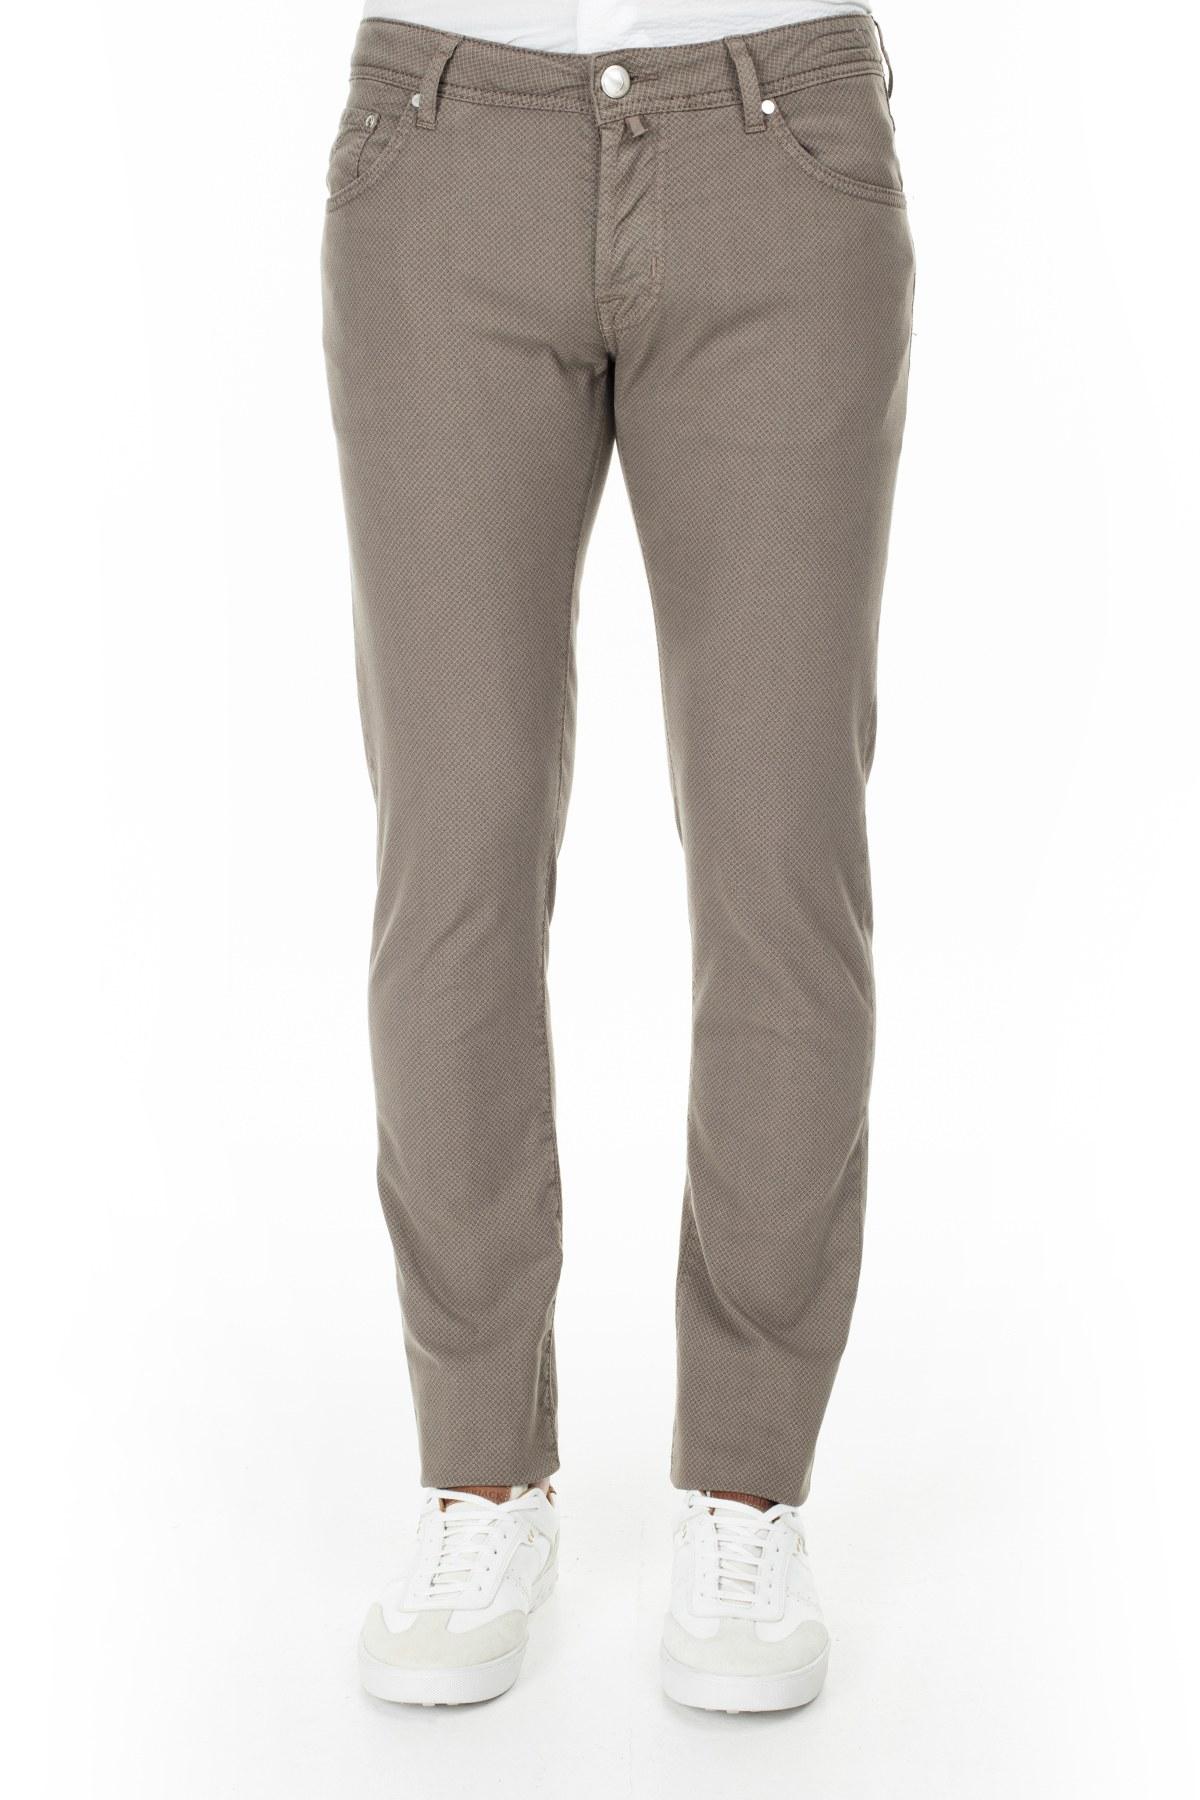 Jacob Cohen Jeans Erkek Pamuklu Pantolon J622 SLIM 1838S 308 KAHVE